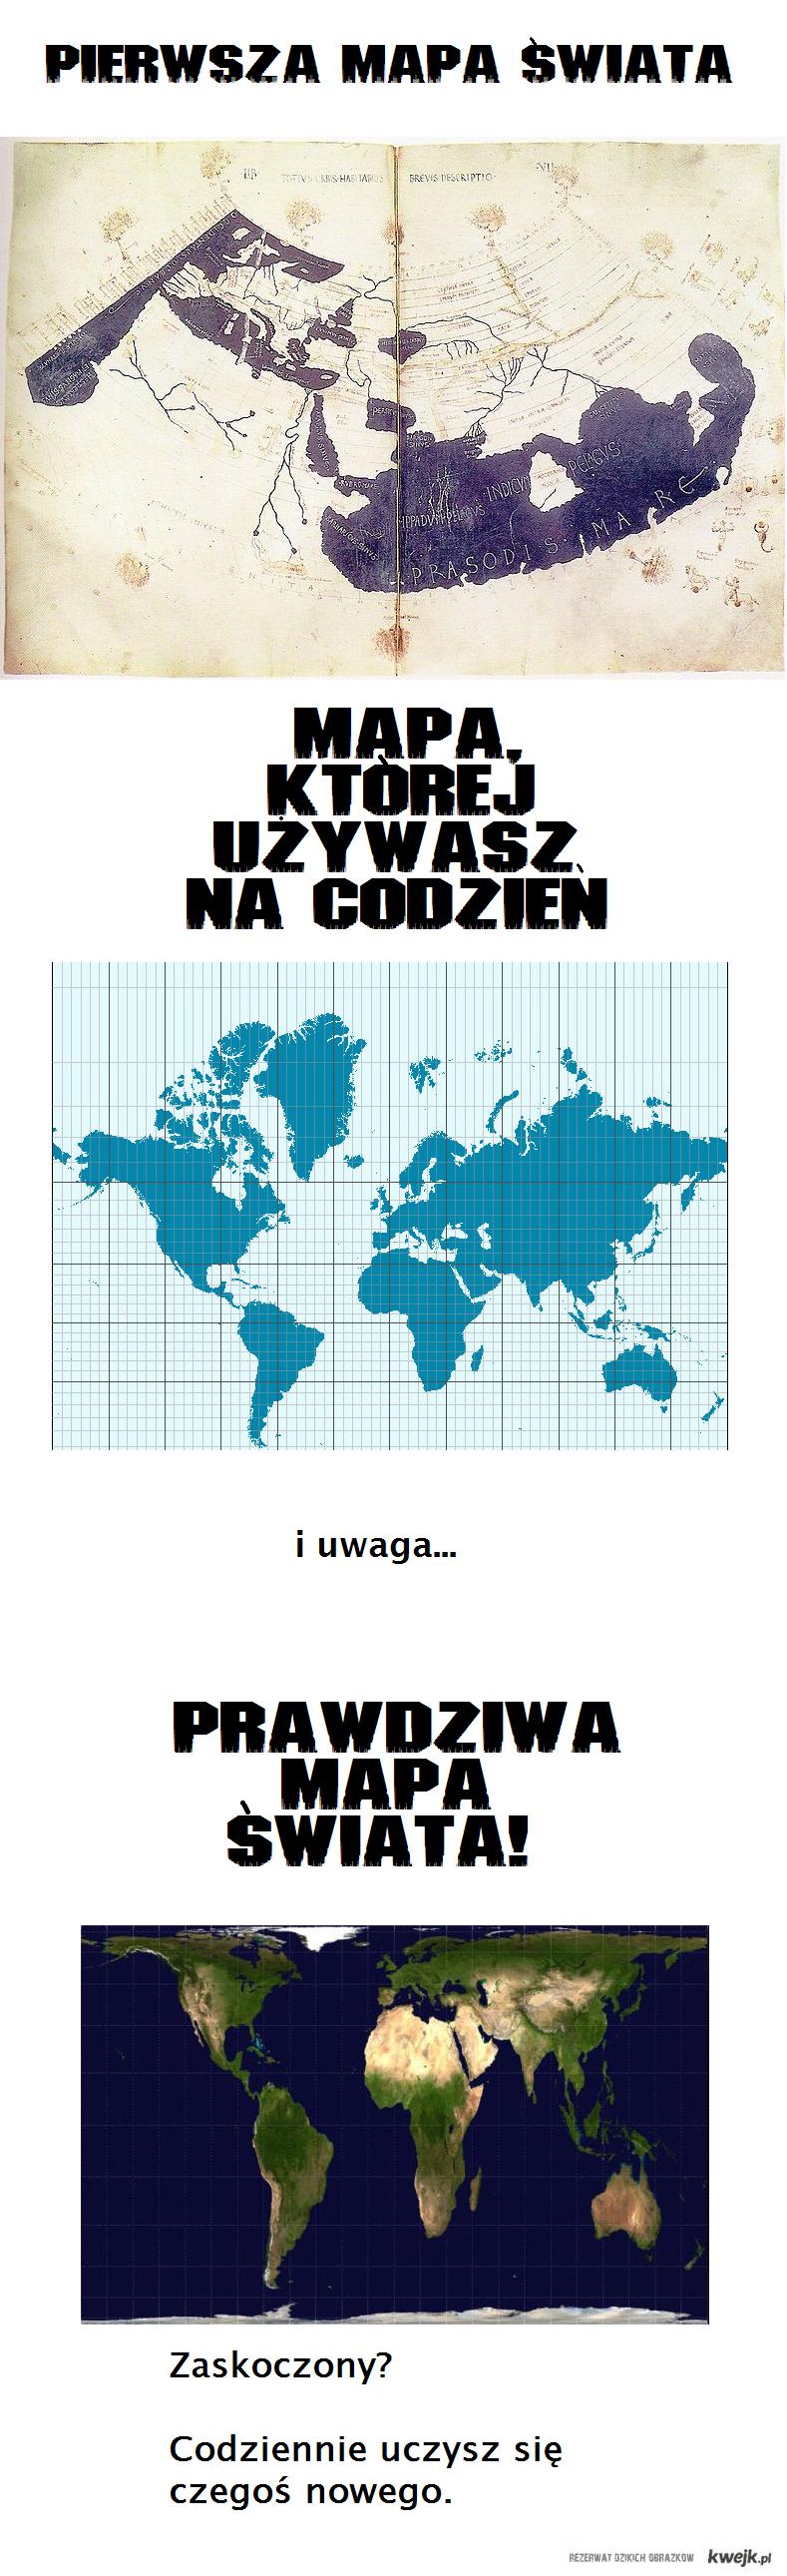 Prawdziwa mapa świata